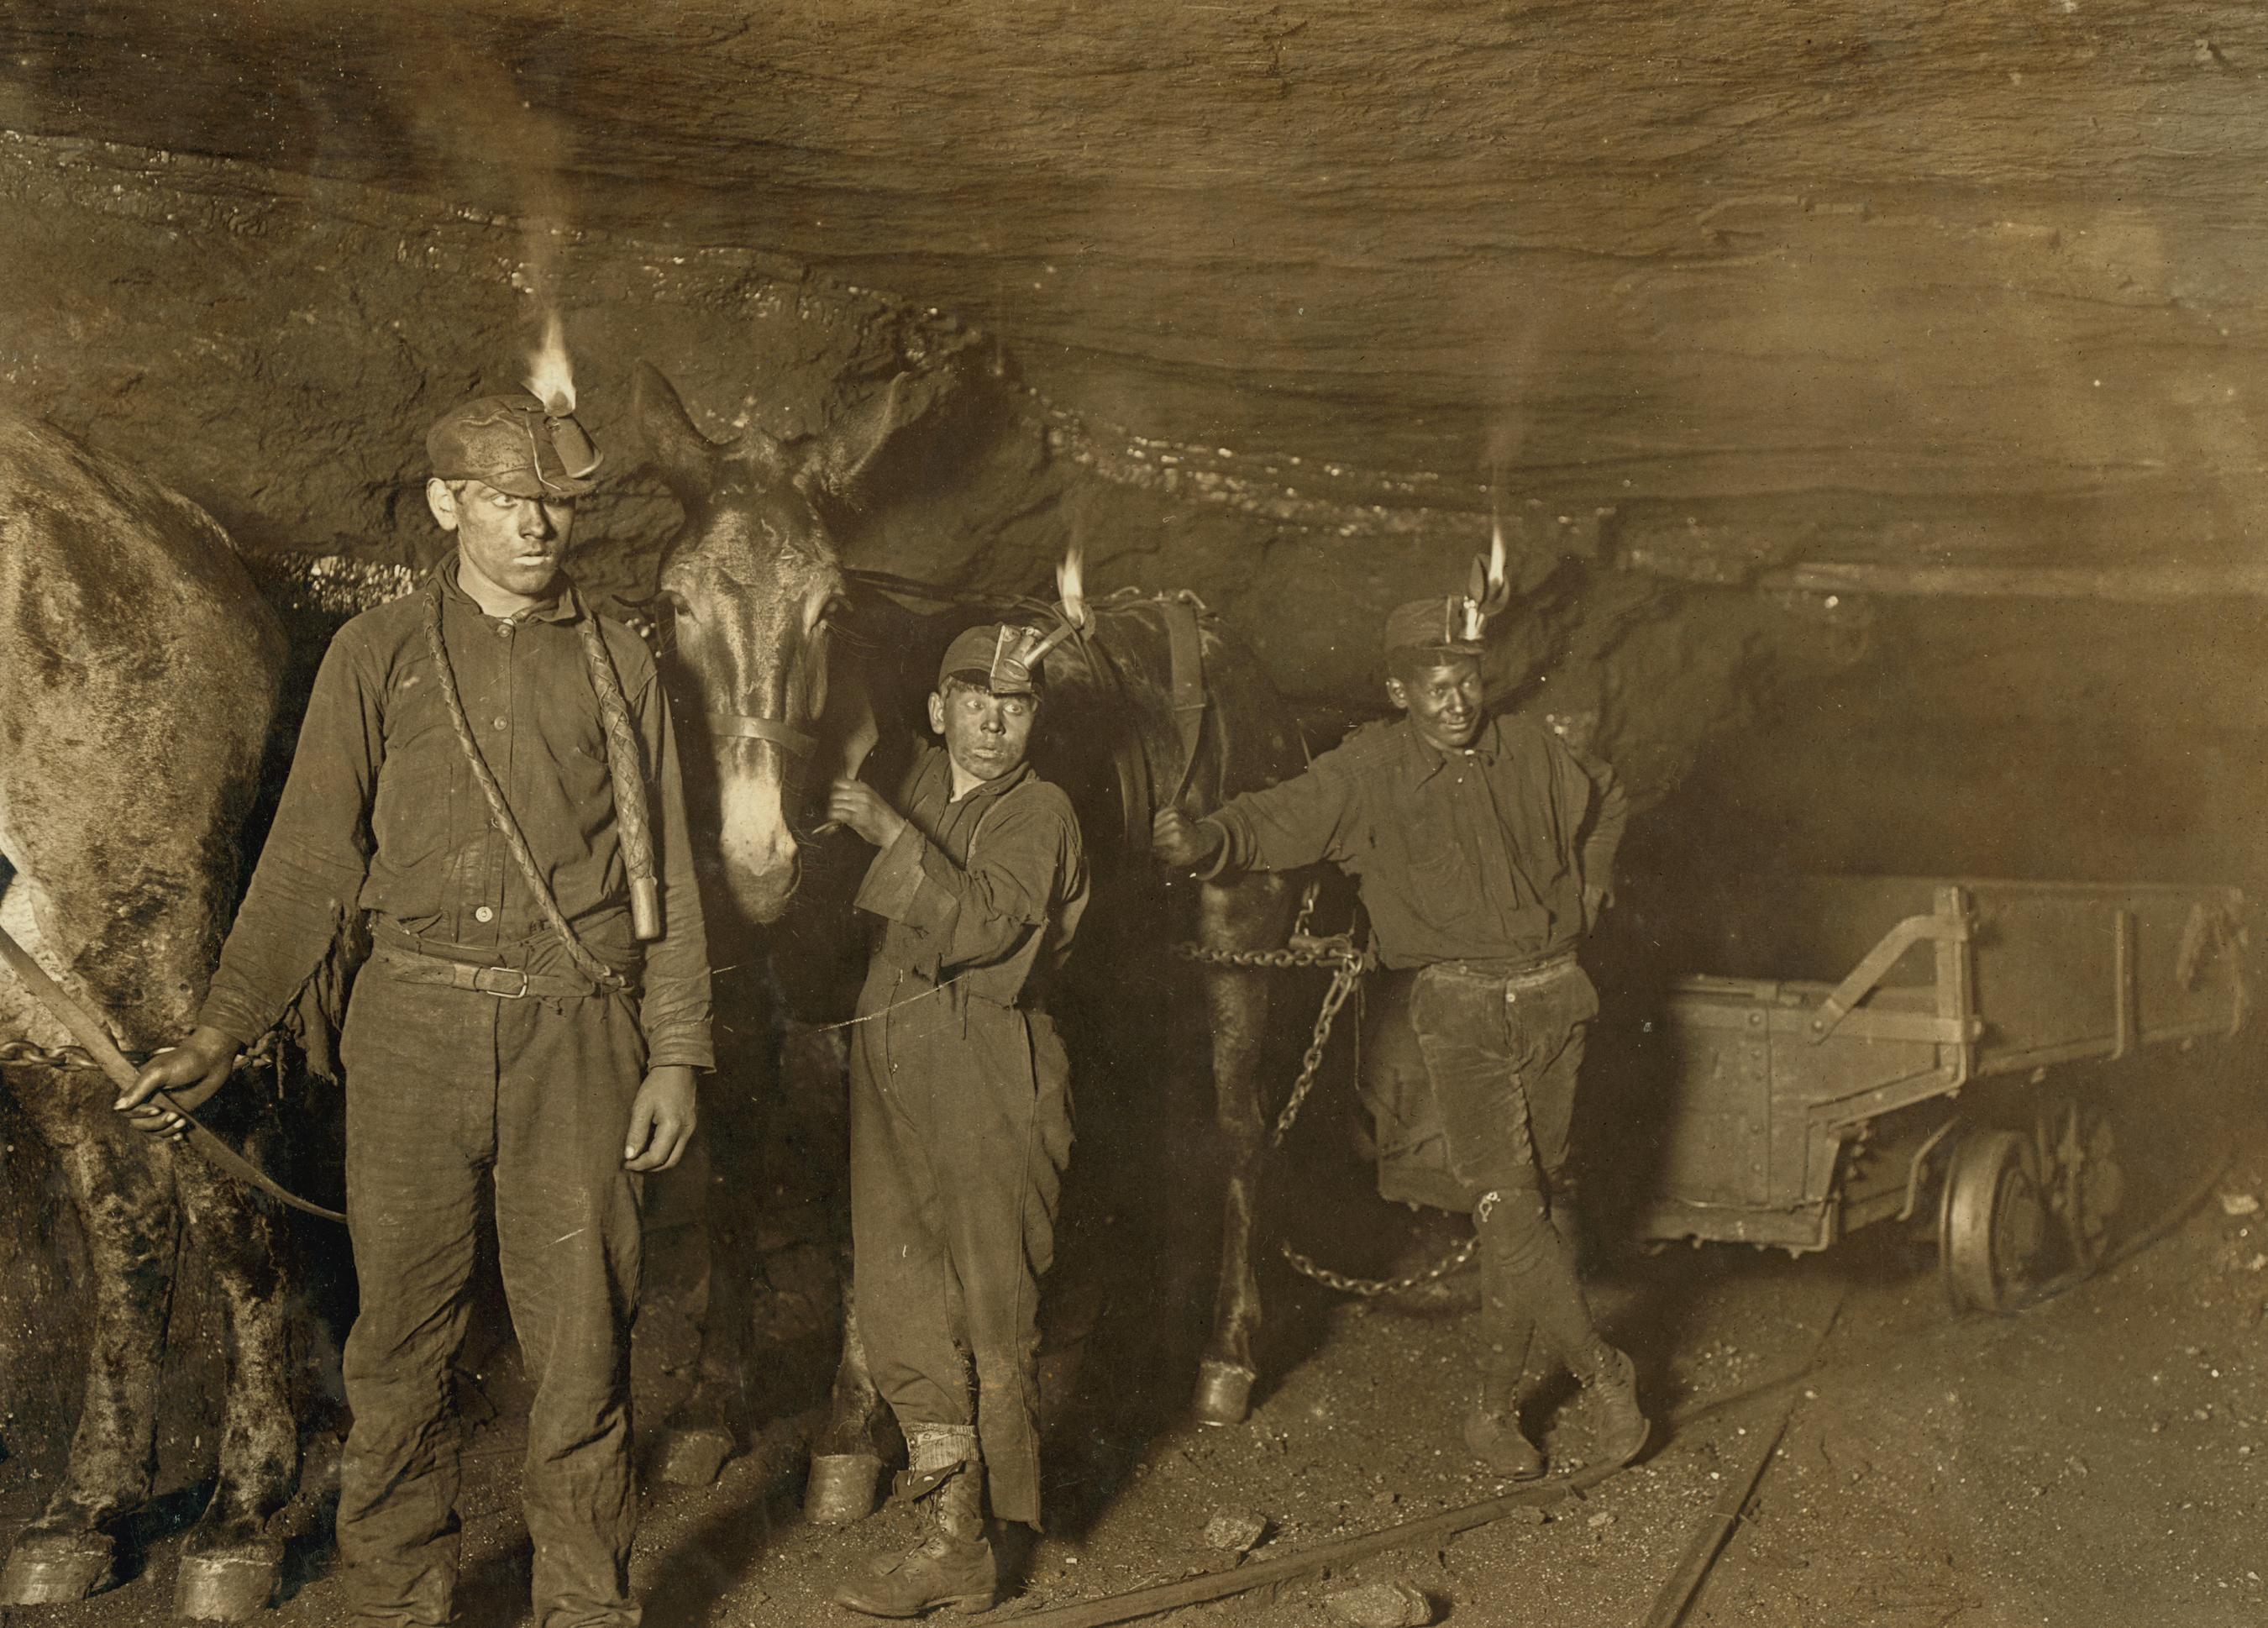 ладно, чел старые шахтерские фото научный сотрудник